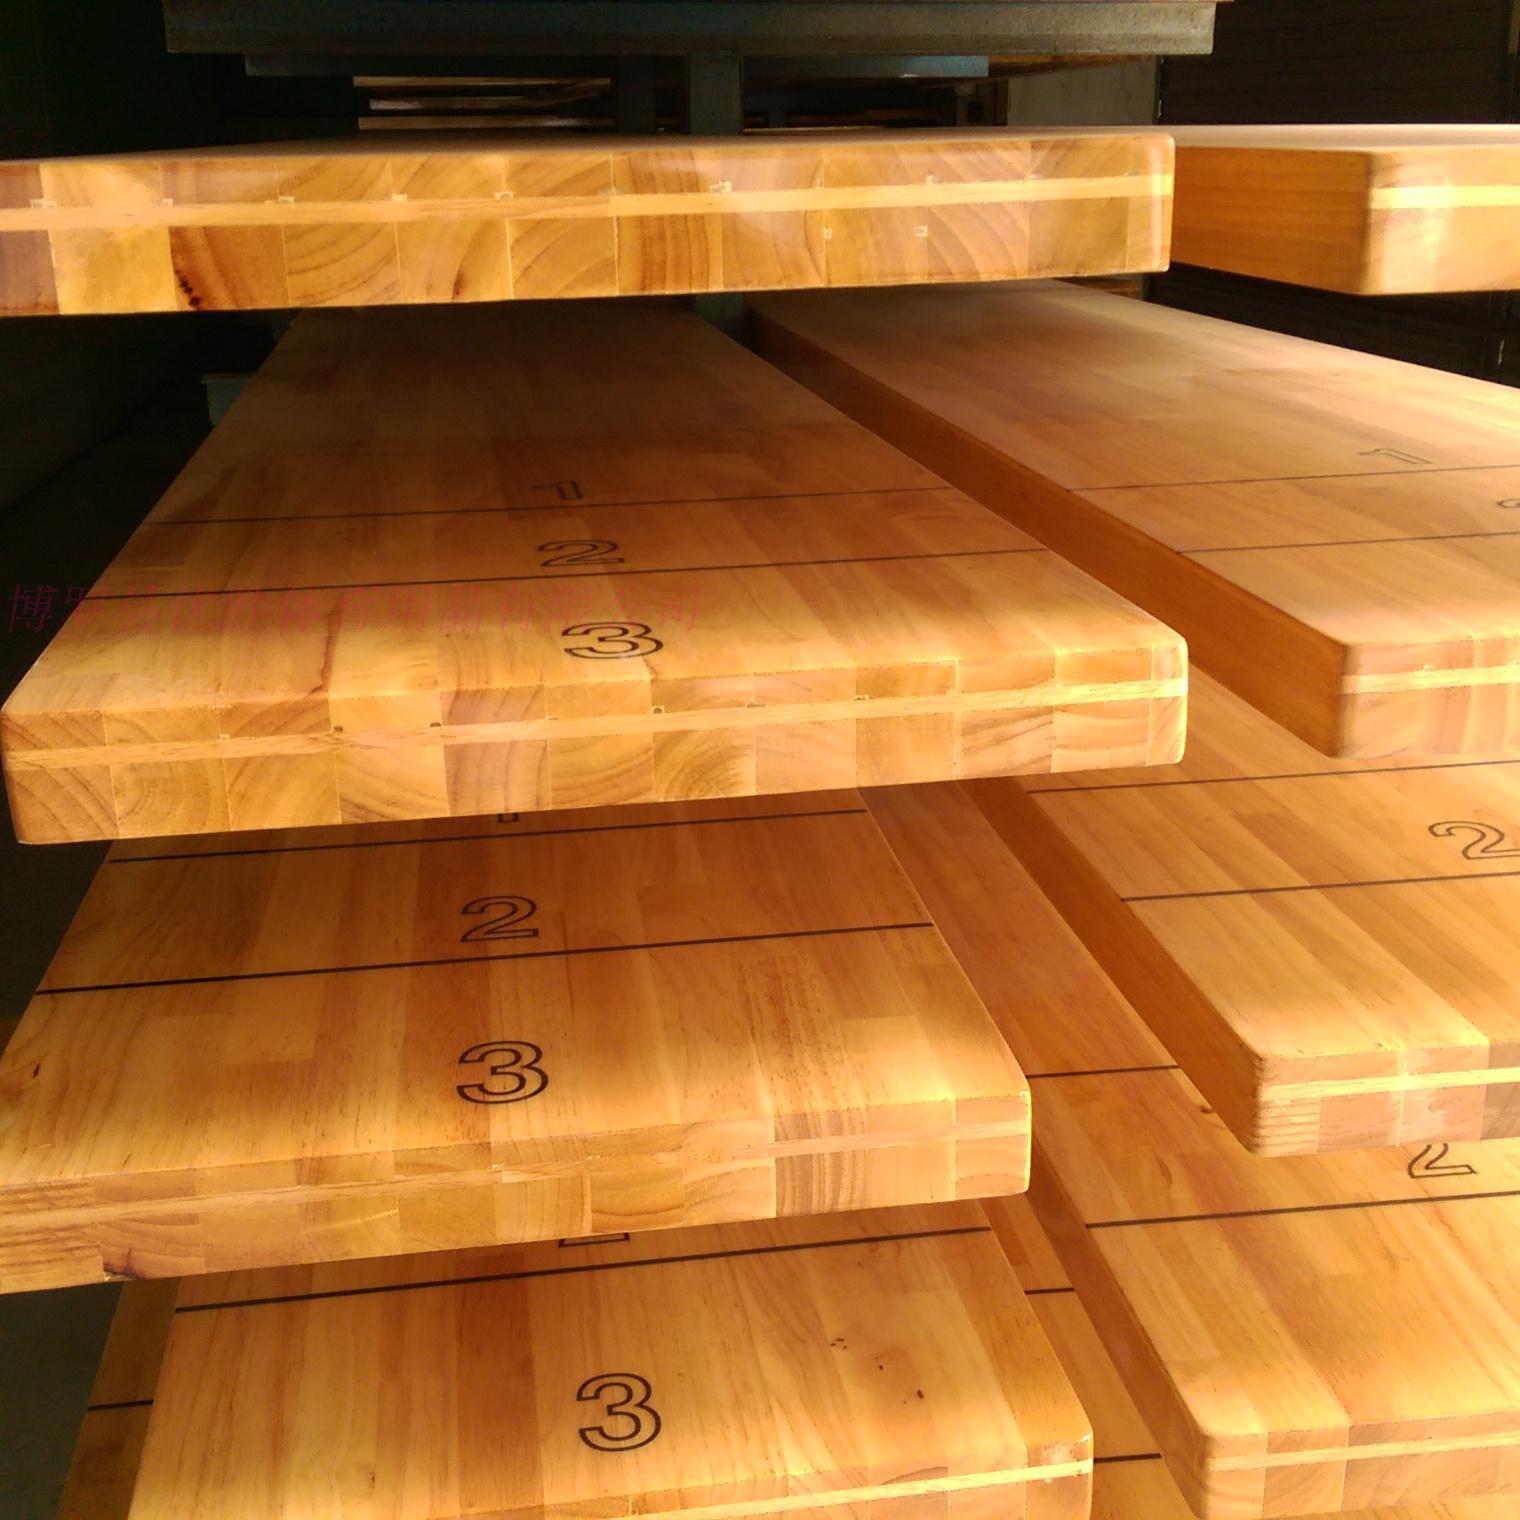 Игра Shuffleboard стол песочная аркада высокая Развлечения в помещении для отдыха Твердородная дорожка из сверхтвердых пород не деформирована на 3,6 метра